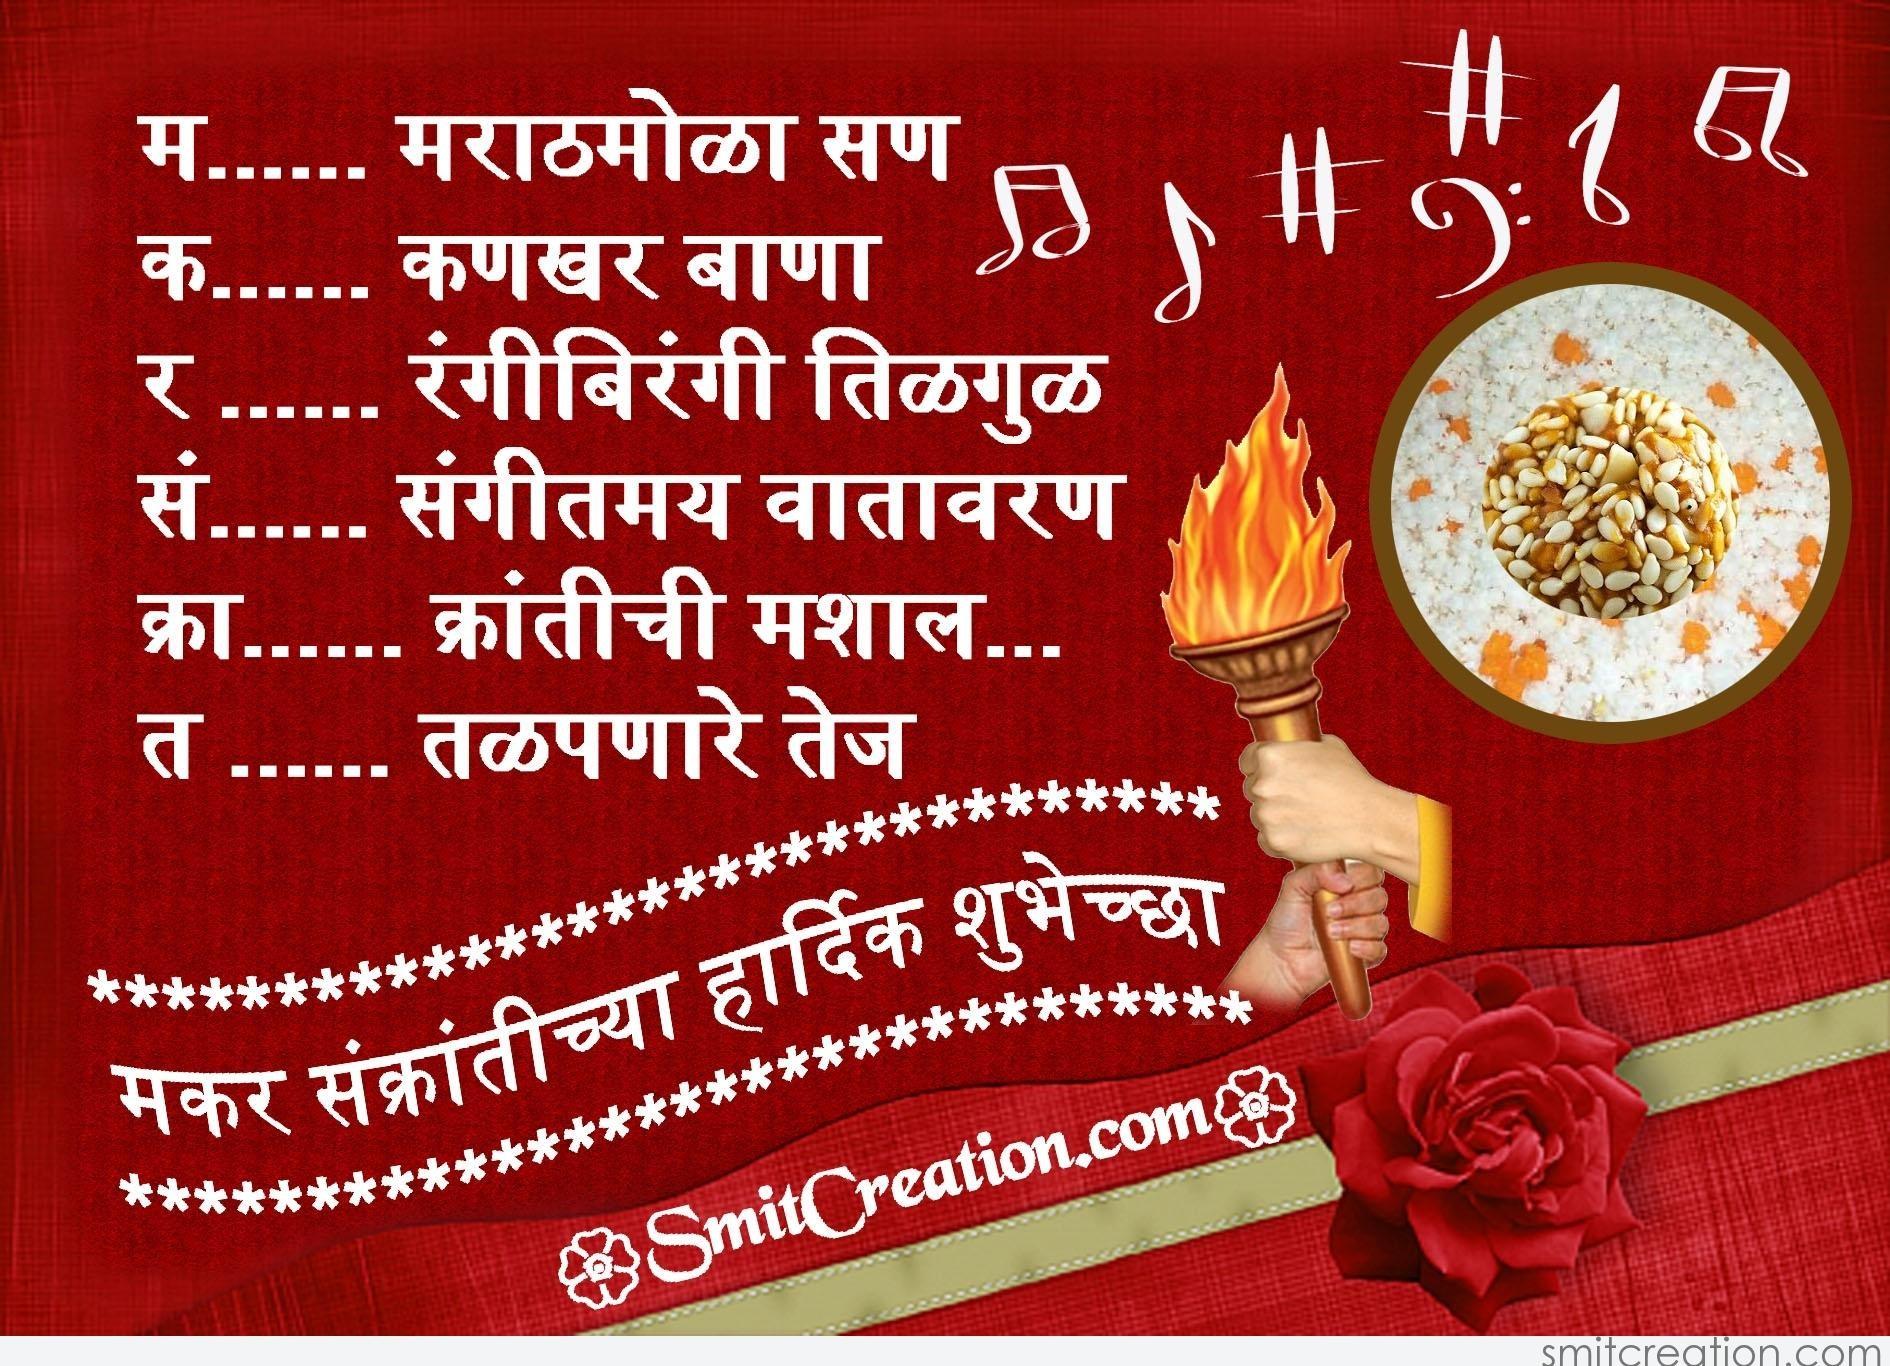 MAKAR SANKRANTI CHYA HARDIK SHUBHECHHA - SmitCreation.com Vadhdivas Chya Hardik Shubhechha